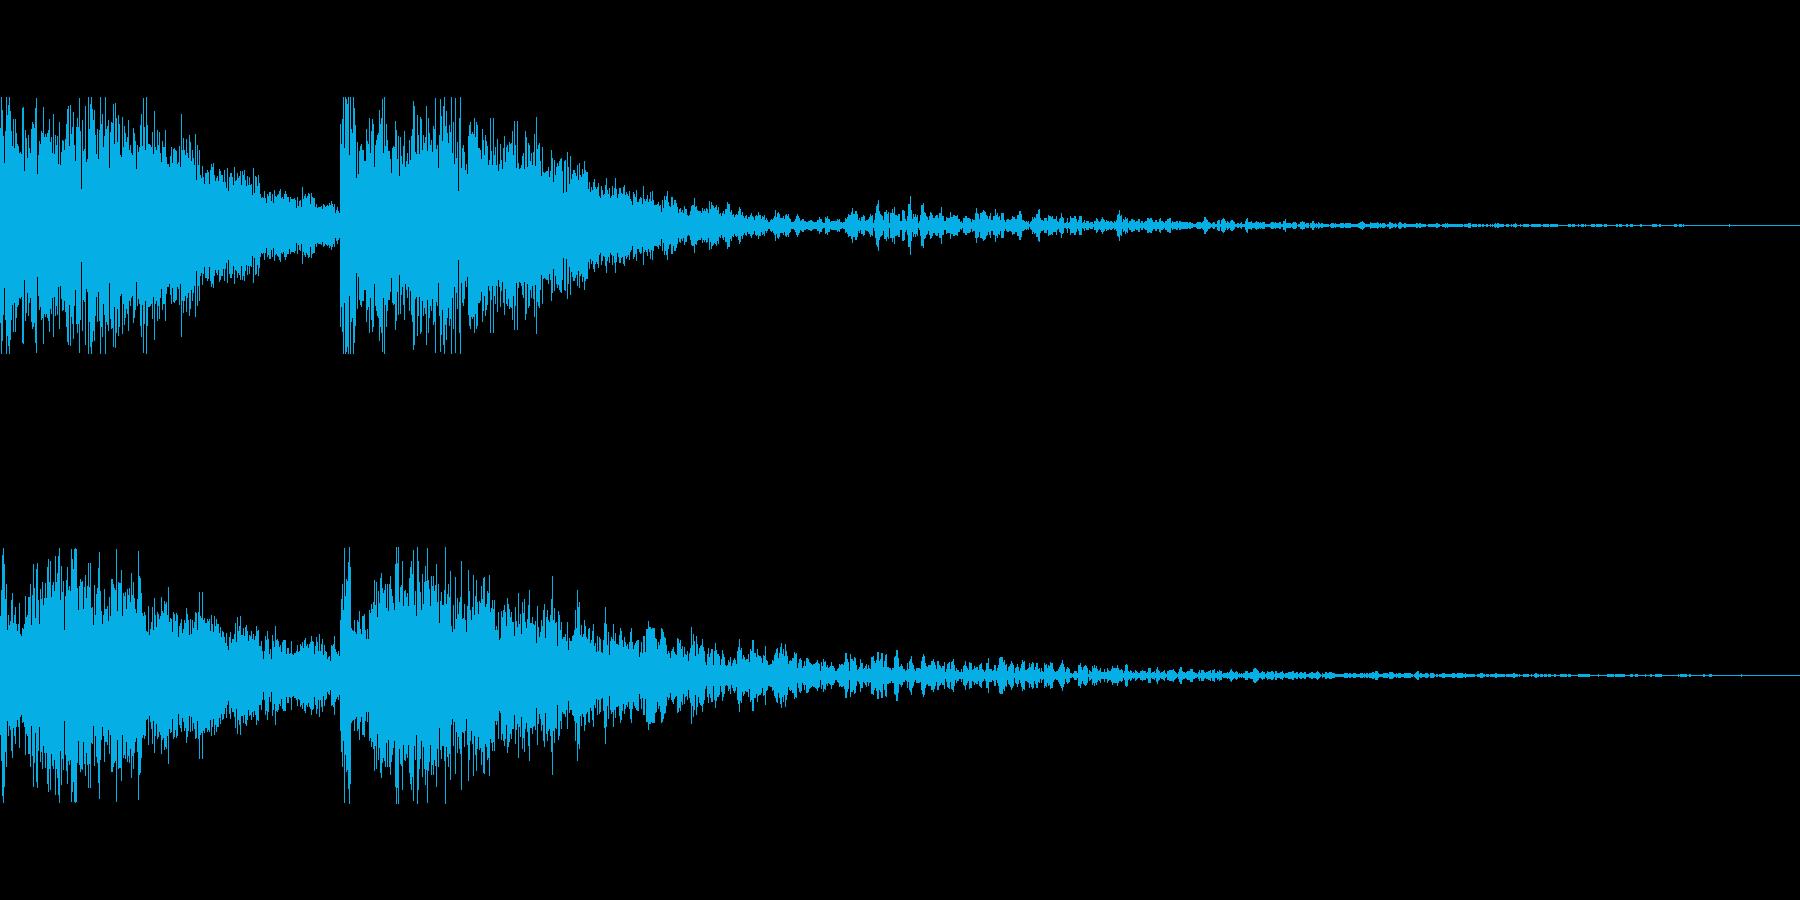 採掘をイメージした効果音の再生済みの波形